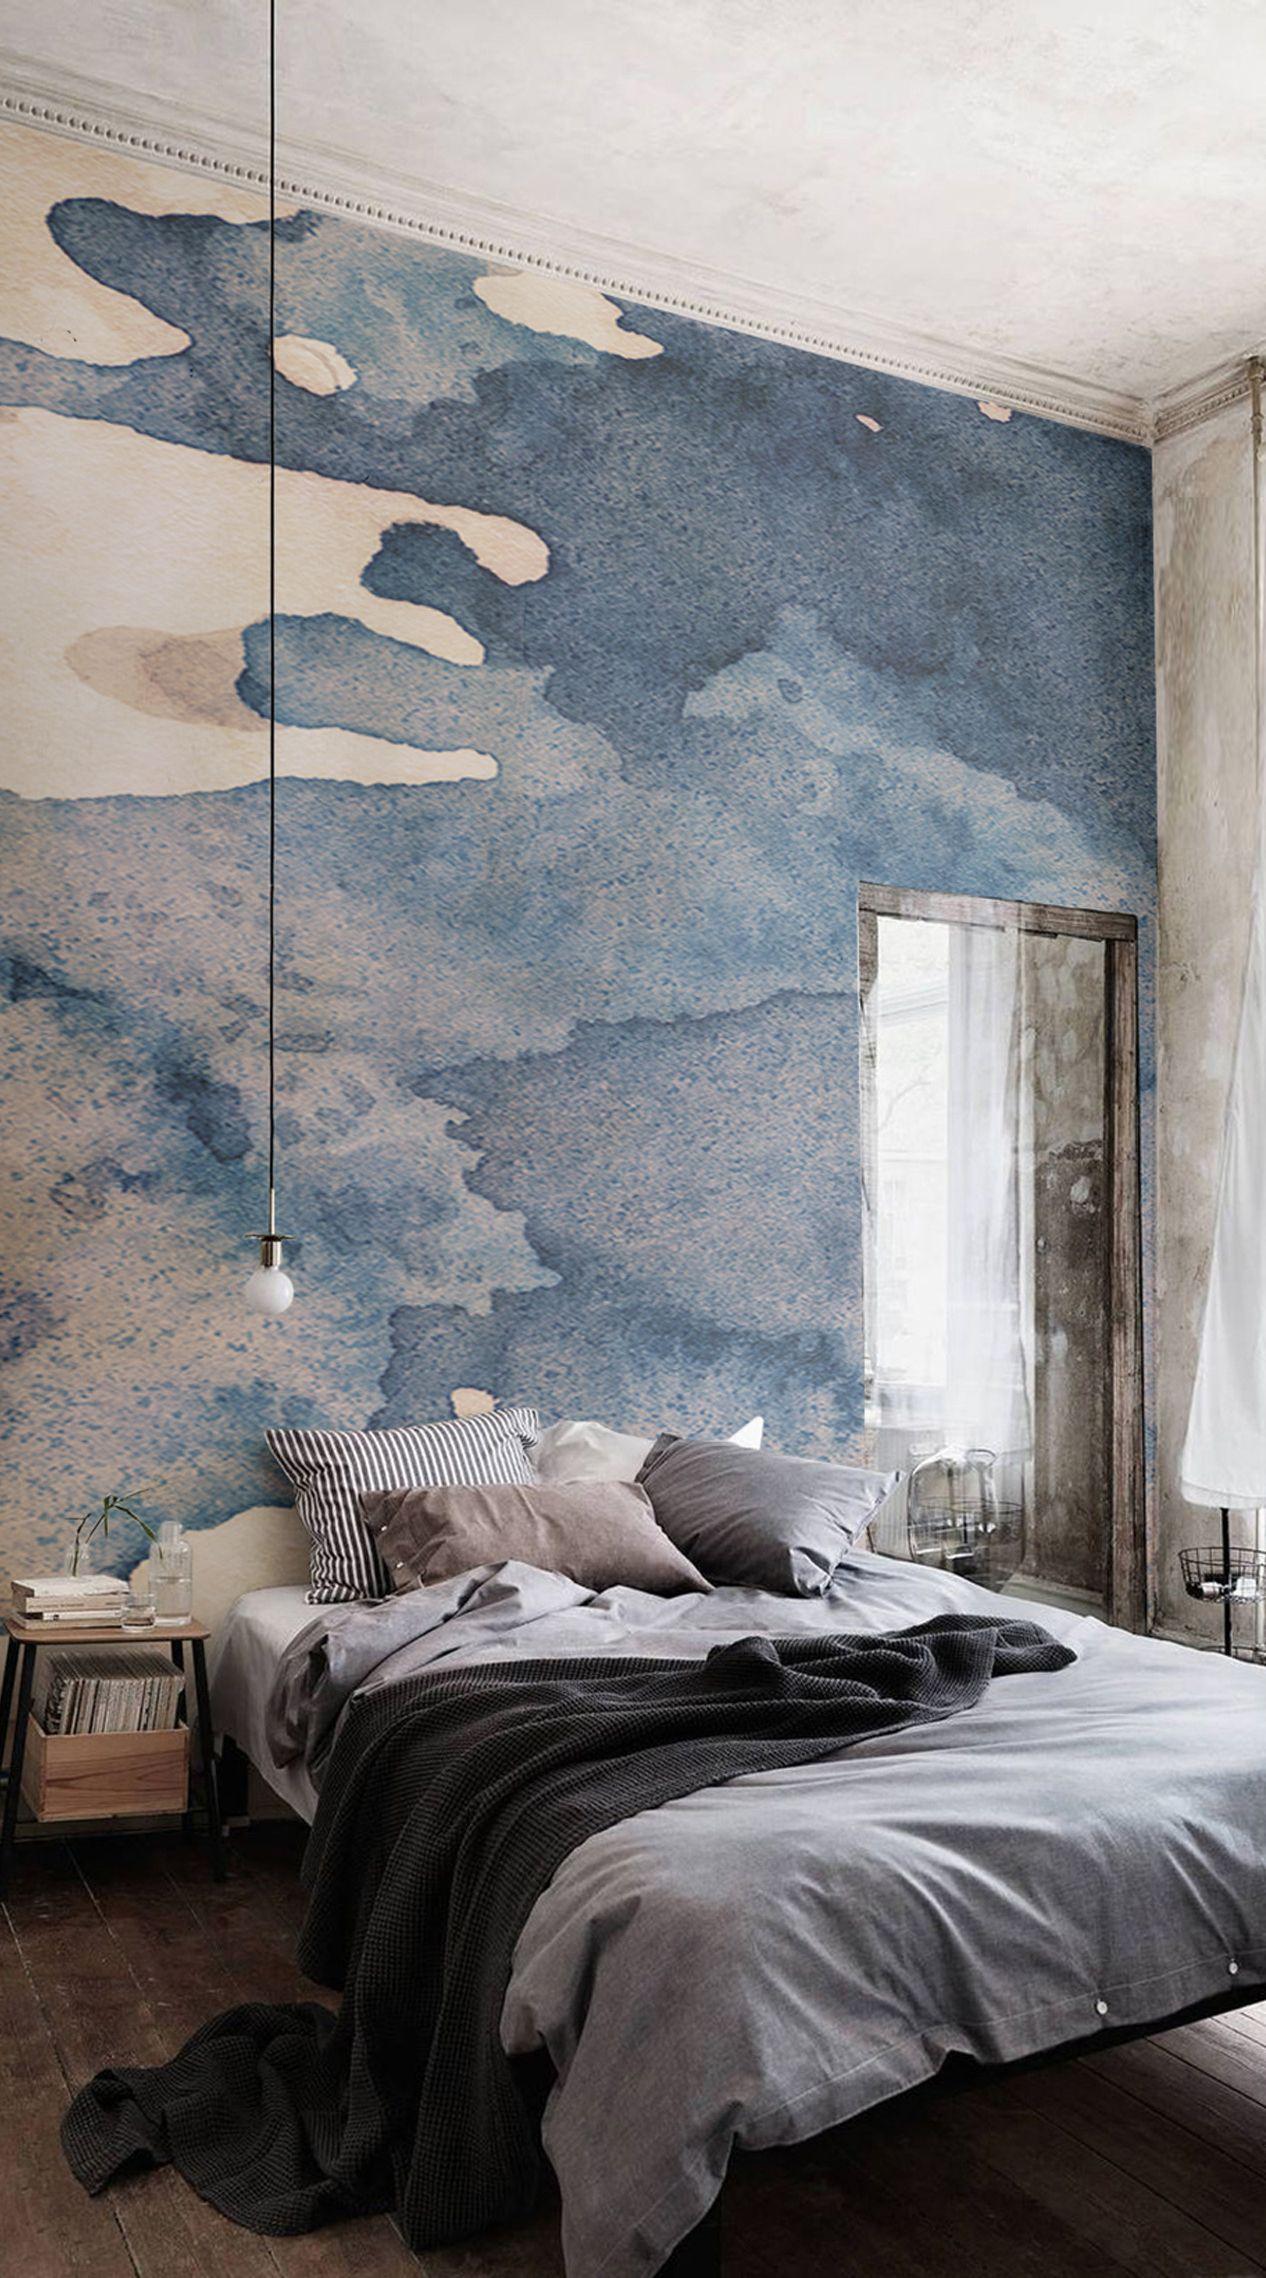 Ink Blot Watercolour Paint Wallpaper Mural Decora O De Parede  ~ Quarto Grande De Luxo Com Pintar Parede Do Quarto